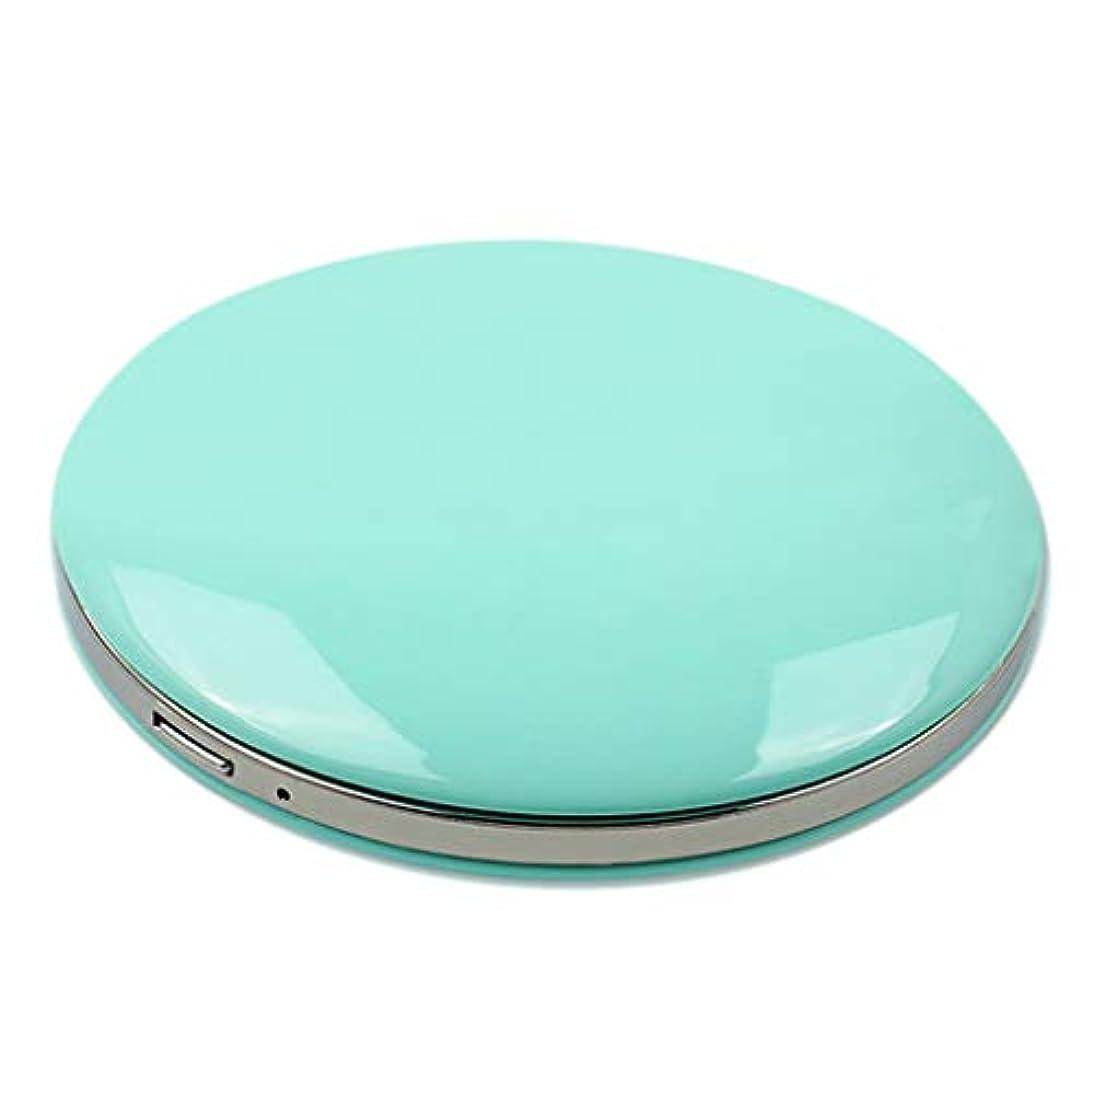 用心ボーダー困惑するコンパクトミラー 拡大鏡付き 3倍 LED付き 化粧鏡 携帯ミラー 化粧鏡 手持式 持ち運び 全5色 - 緑